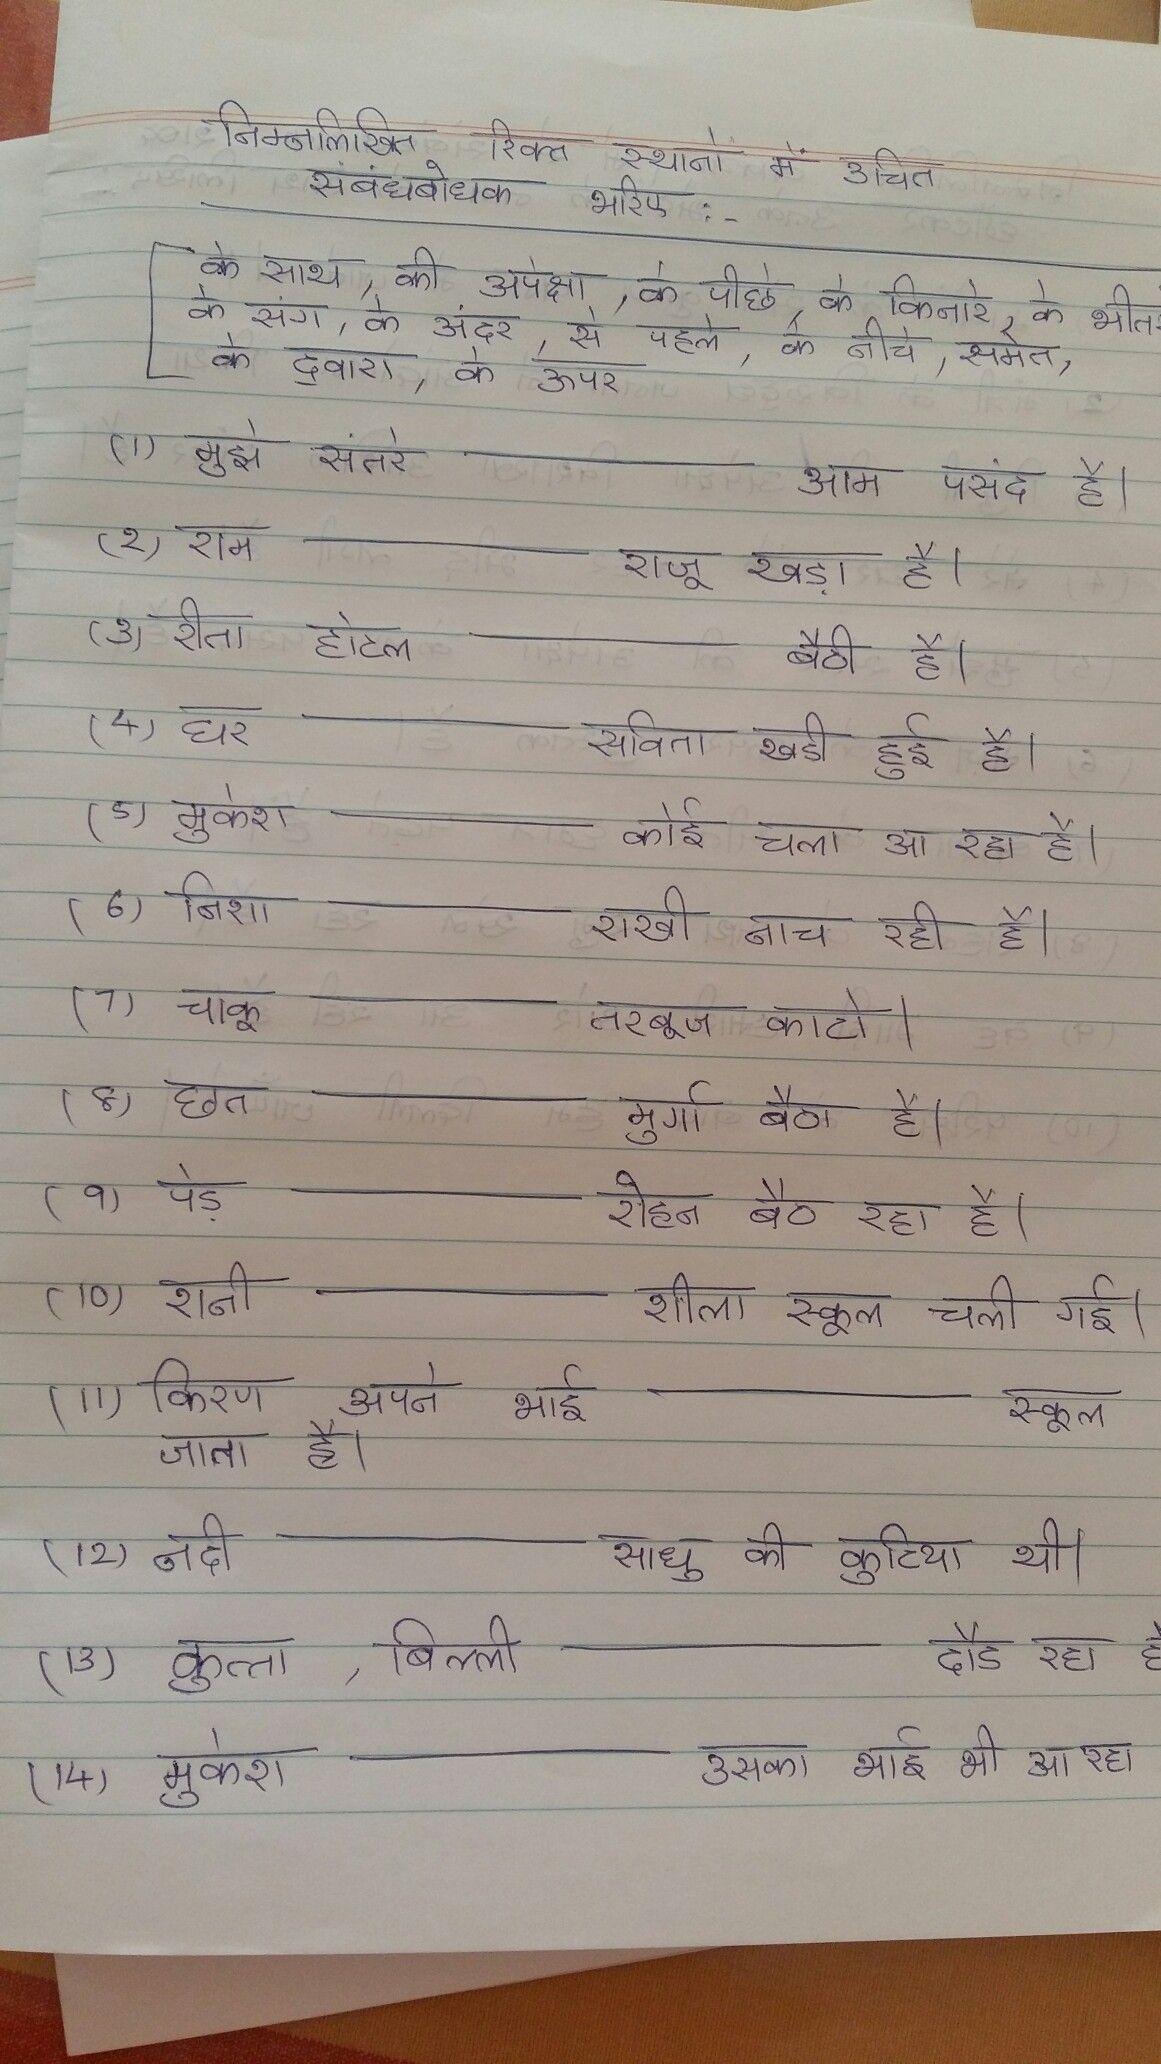 hight resolution of Hindi grammar Sambandhbodhak worksheet   Hindi worksheets